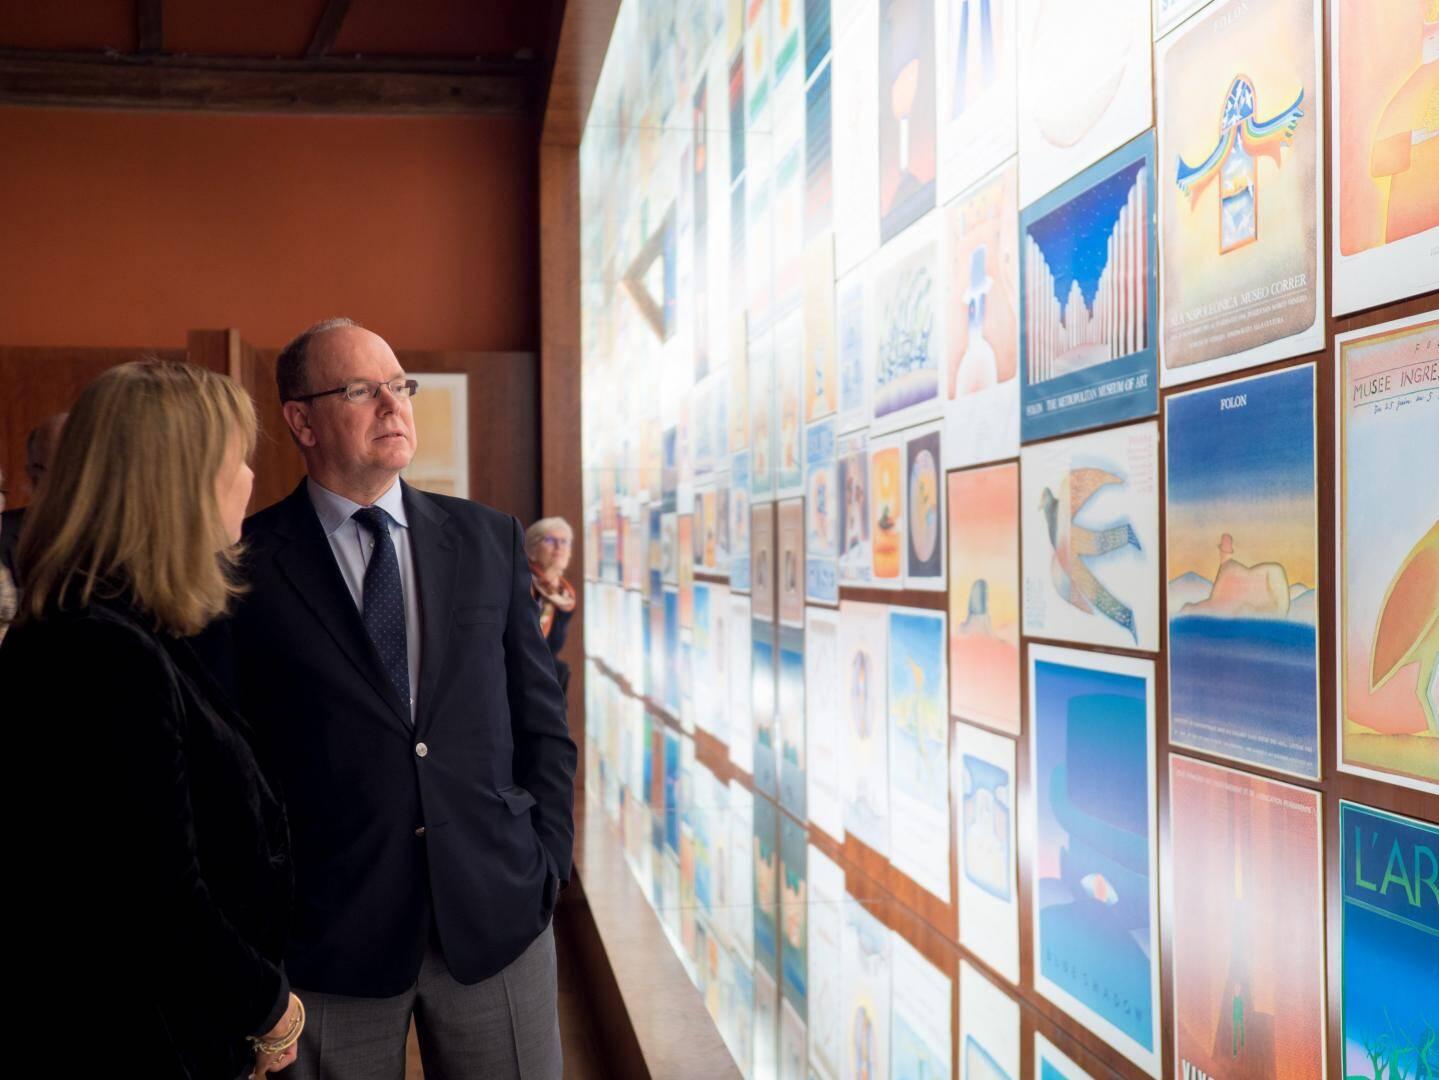 Le prince Albert II a été guidé dans les salles par la directrice des lieux, Stéphanie Angelroth.